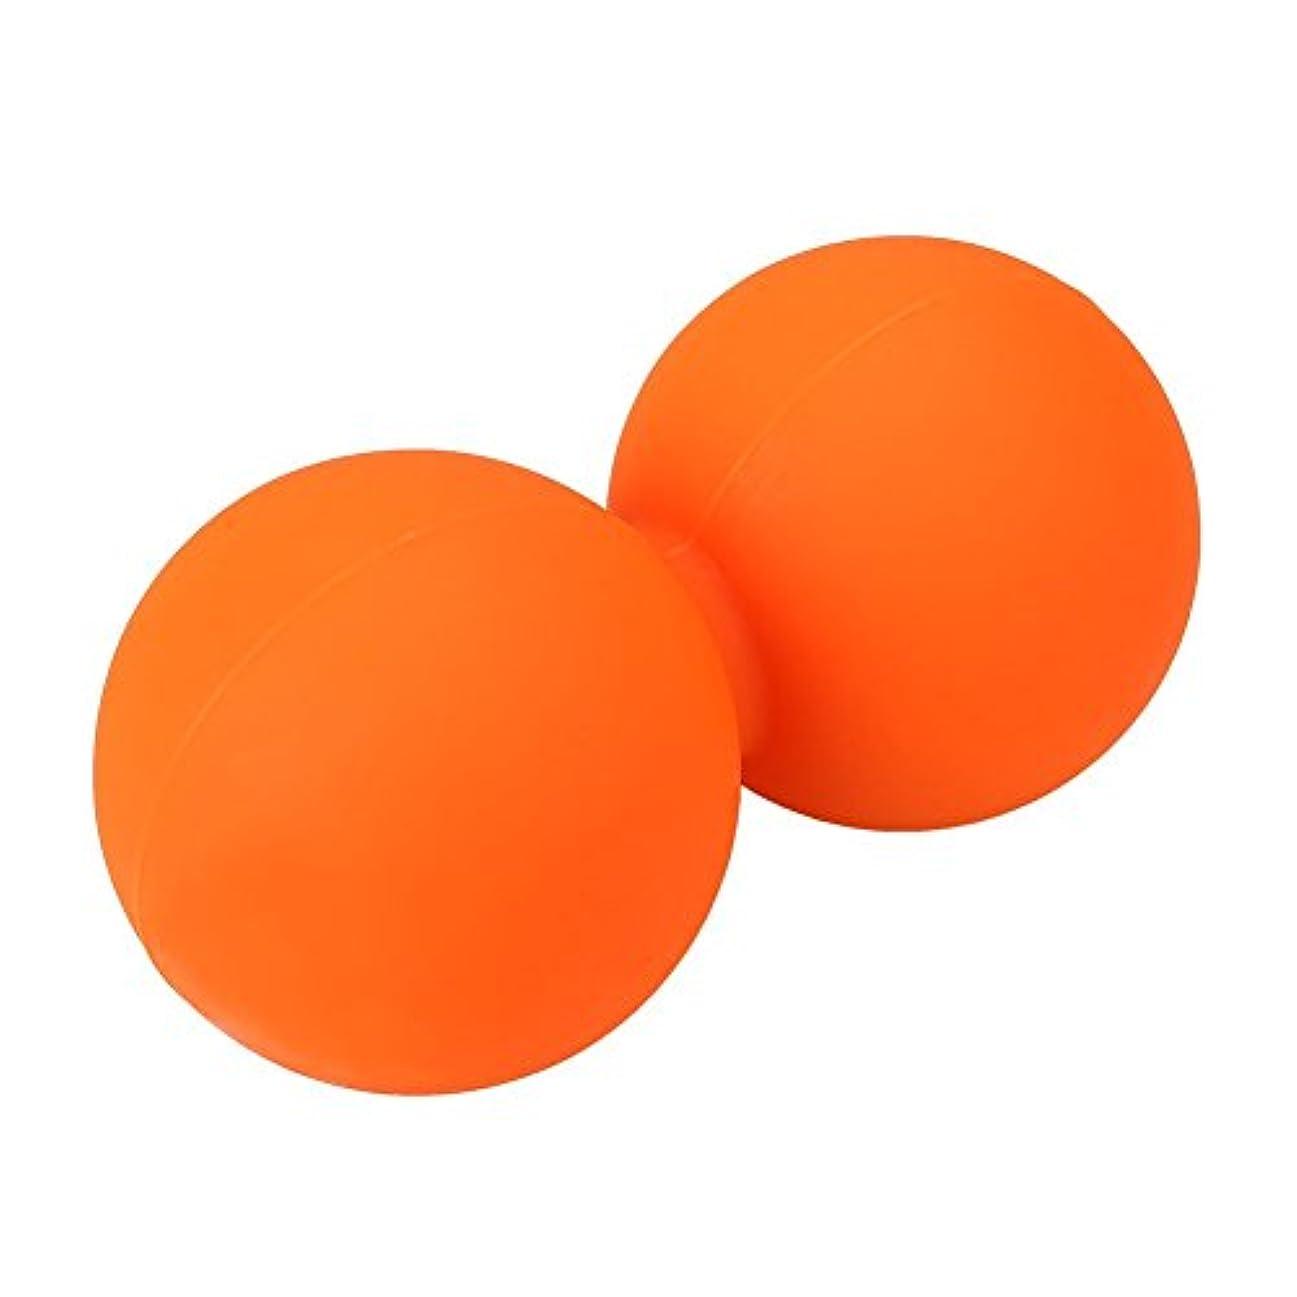 肥満固有の利点attachmenttou スパイクマッサージボールダブルラクロス 筋筋膜トリガーリリースピーナッツ マッサージクロスボール 運動